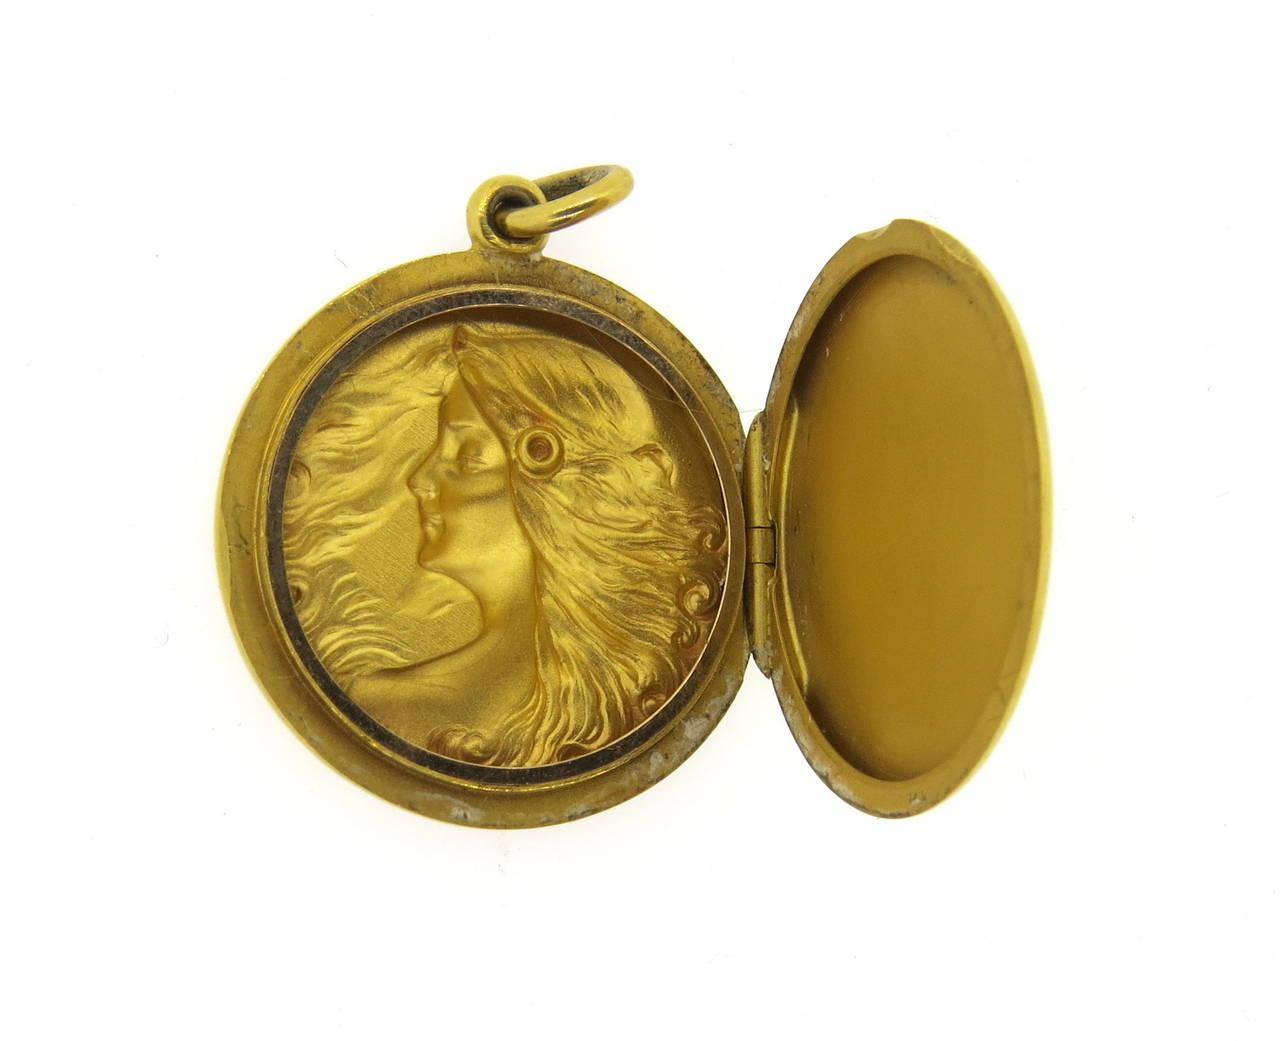 Art Nouveau Gold Nymph Flowing Hair Locket 3